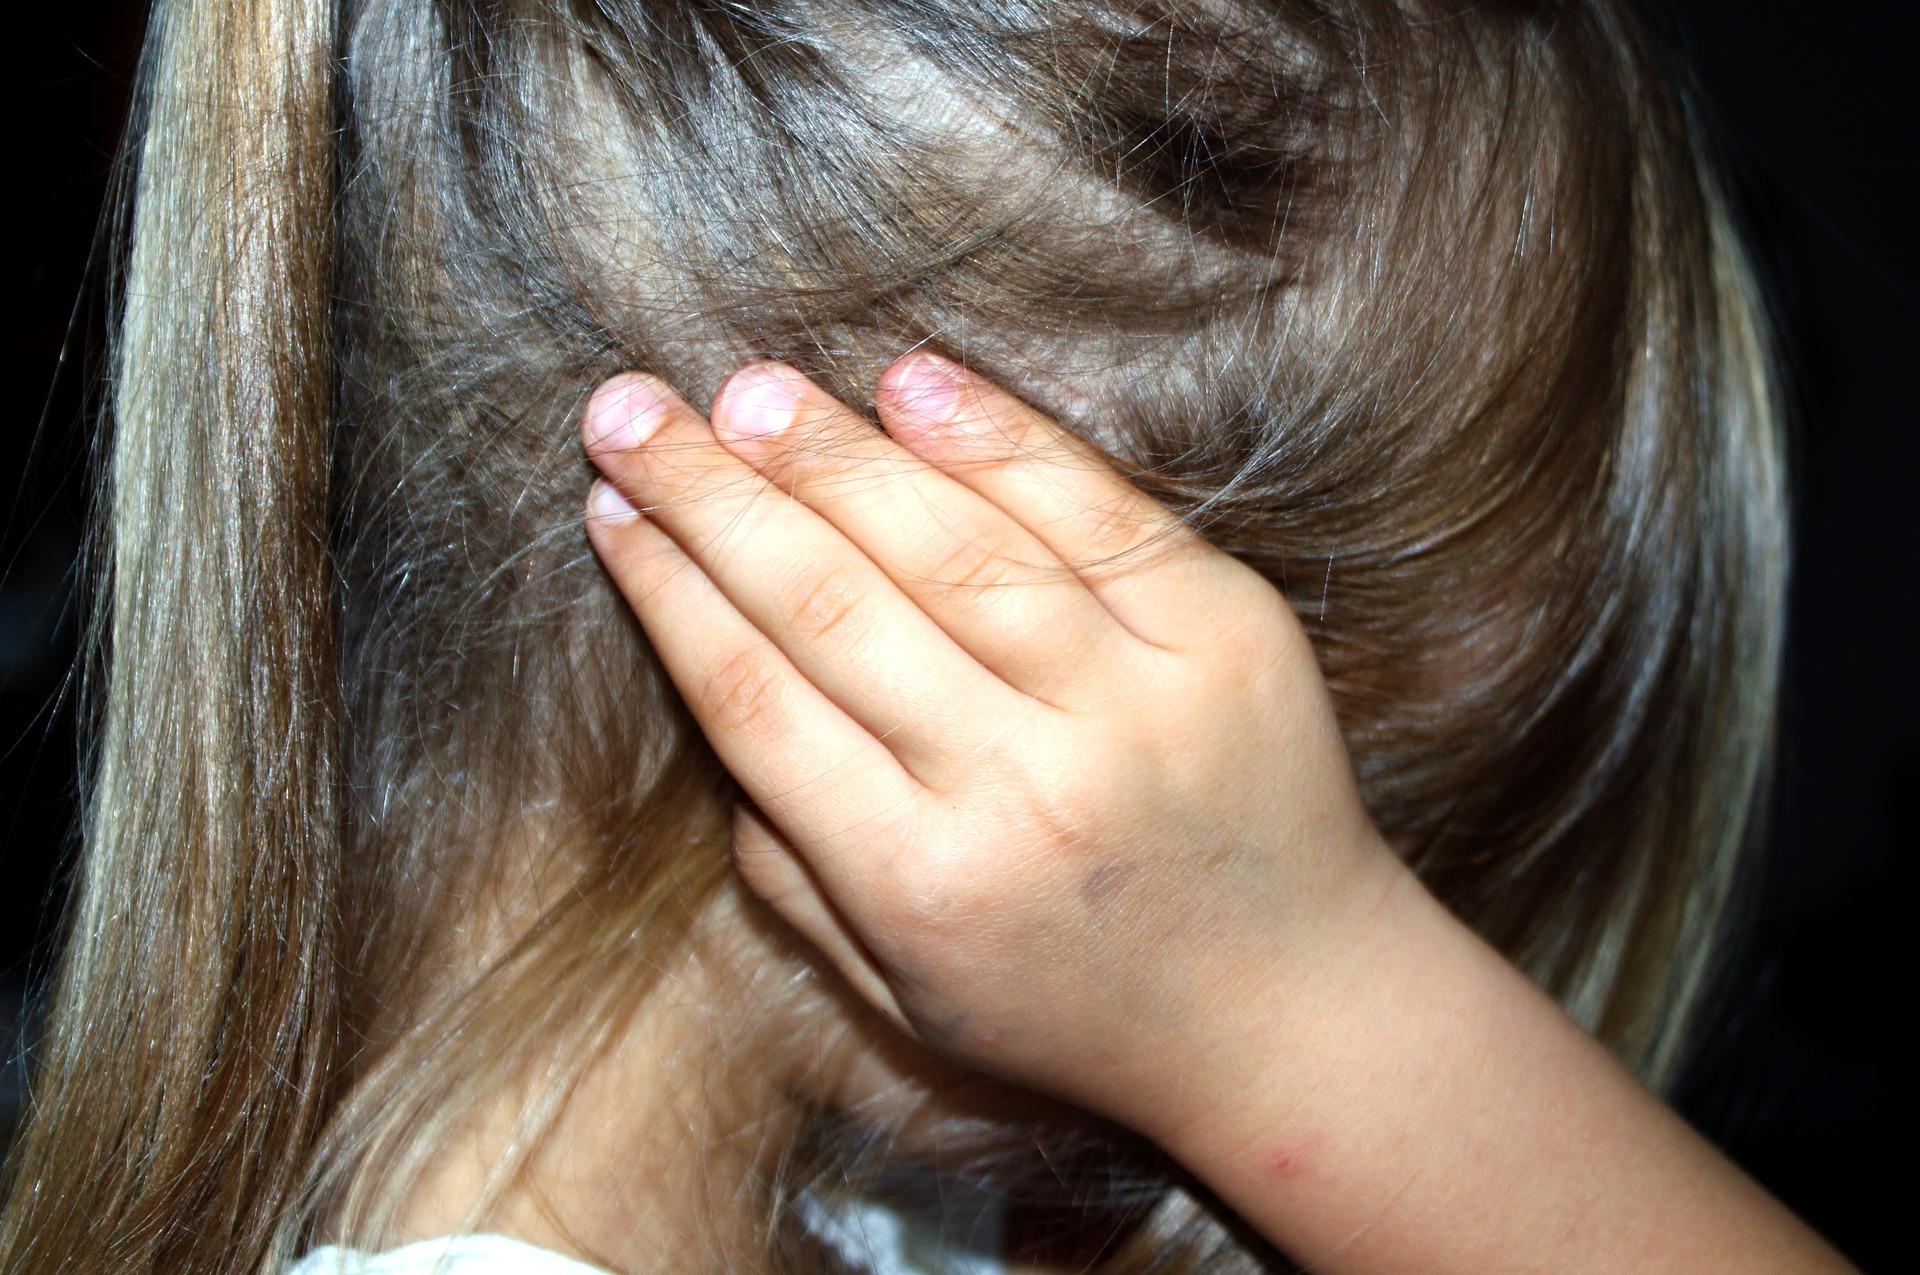 Øreproblemer - Ørebarn. Nysgerrig? Blid behandling med Kranio-Sakral terapi. Book online → eksamineret børne terapeut • Lishauge.dk